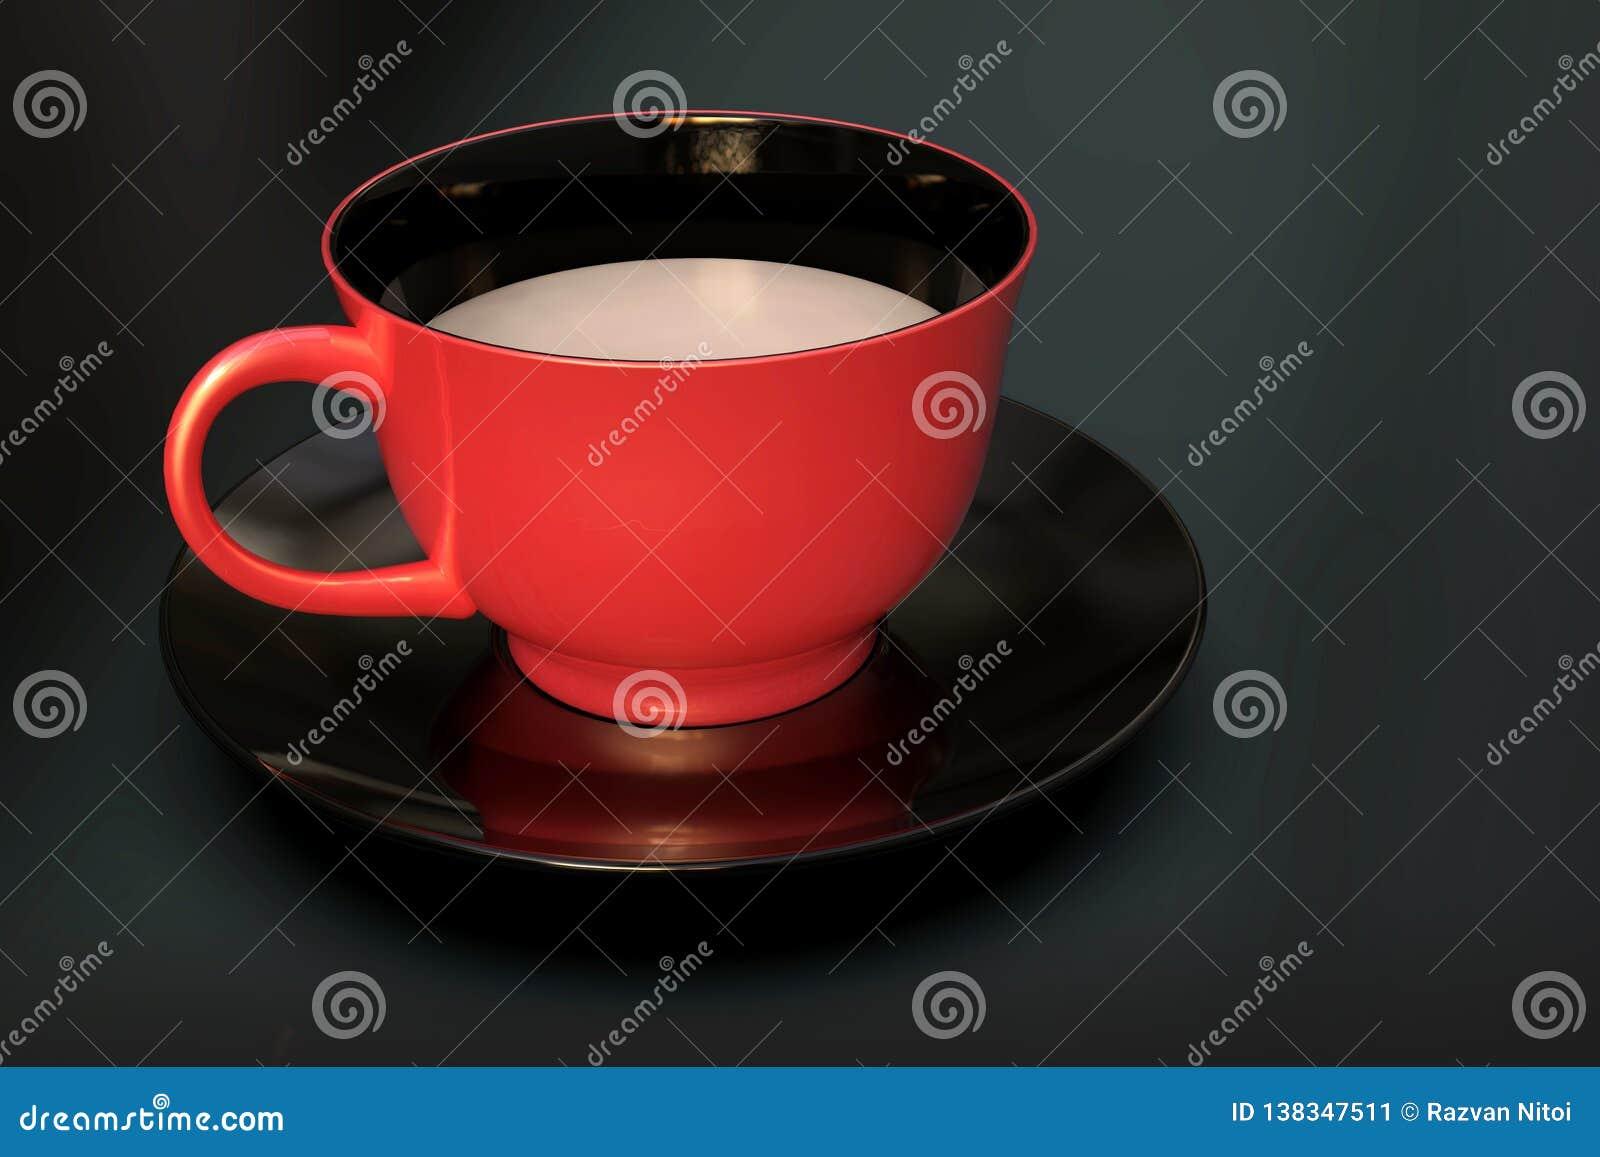 Ένα φλυτζάνι γάλακτος, κόκκινος κεραμικός, στο μαύρο υπόβαθρο